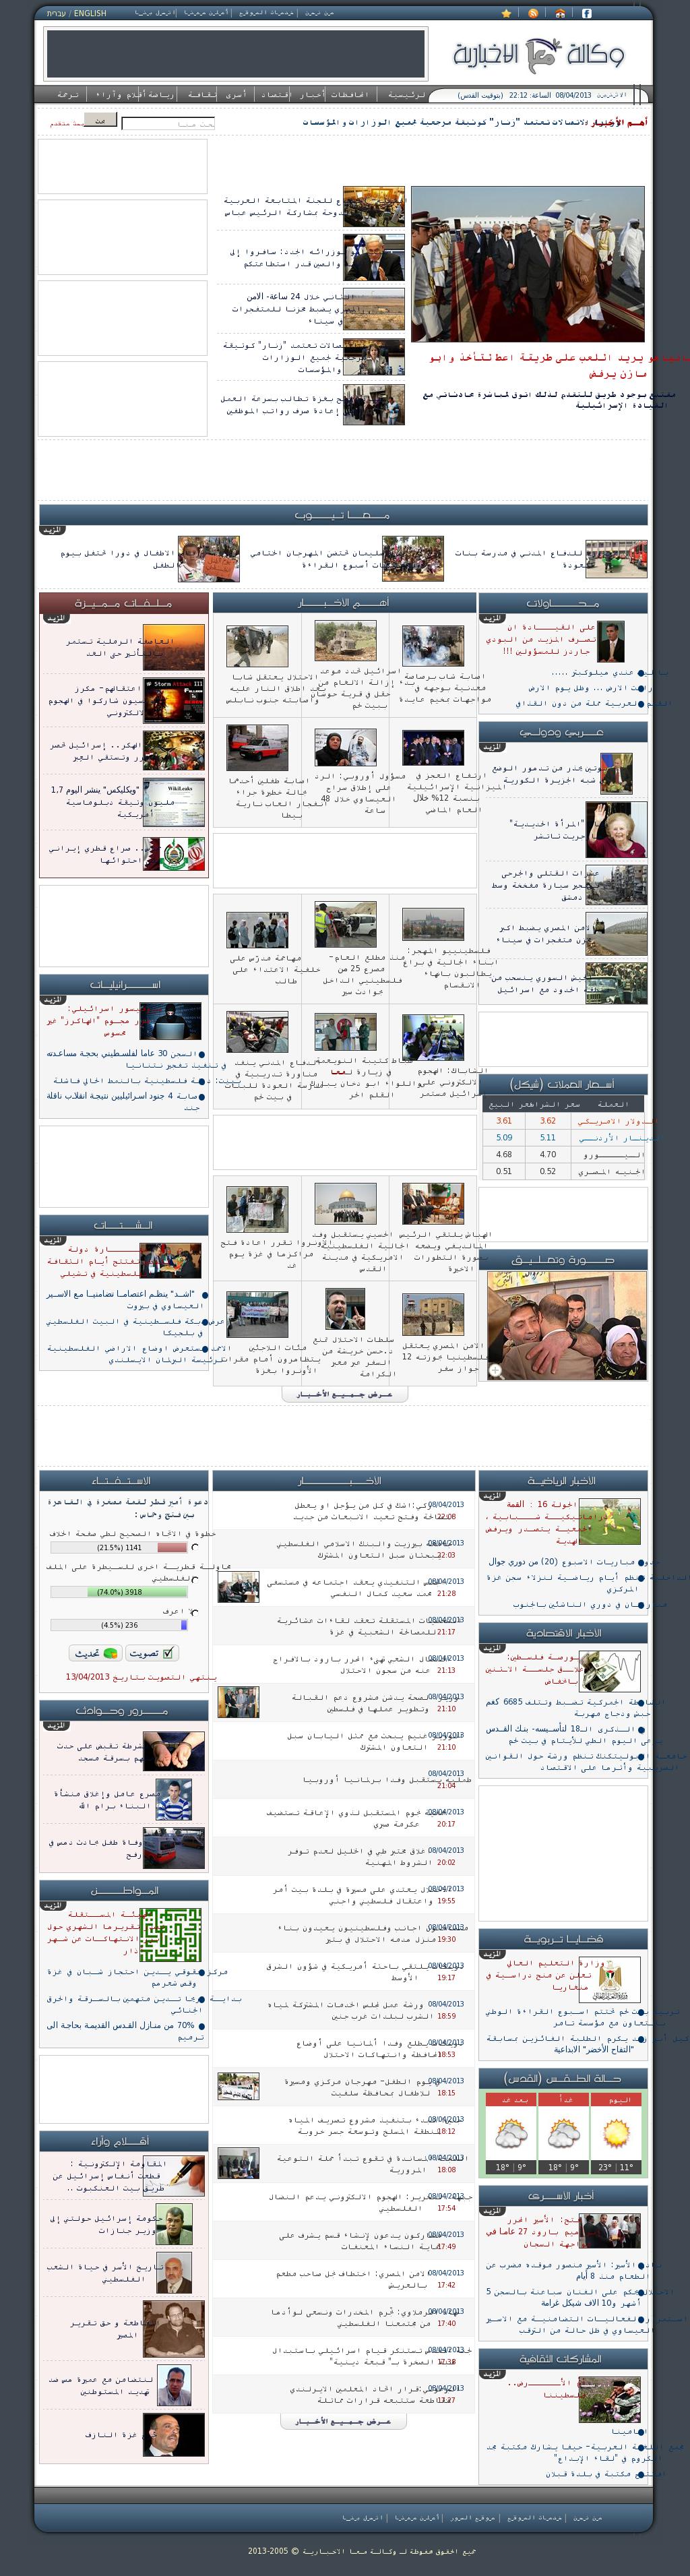 Ma'an News at Monday April 8, 2013, 7:11 p.m. UTC